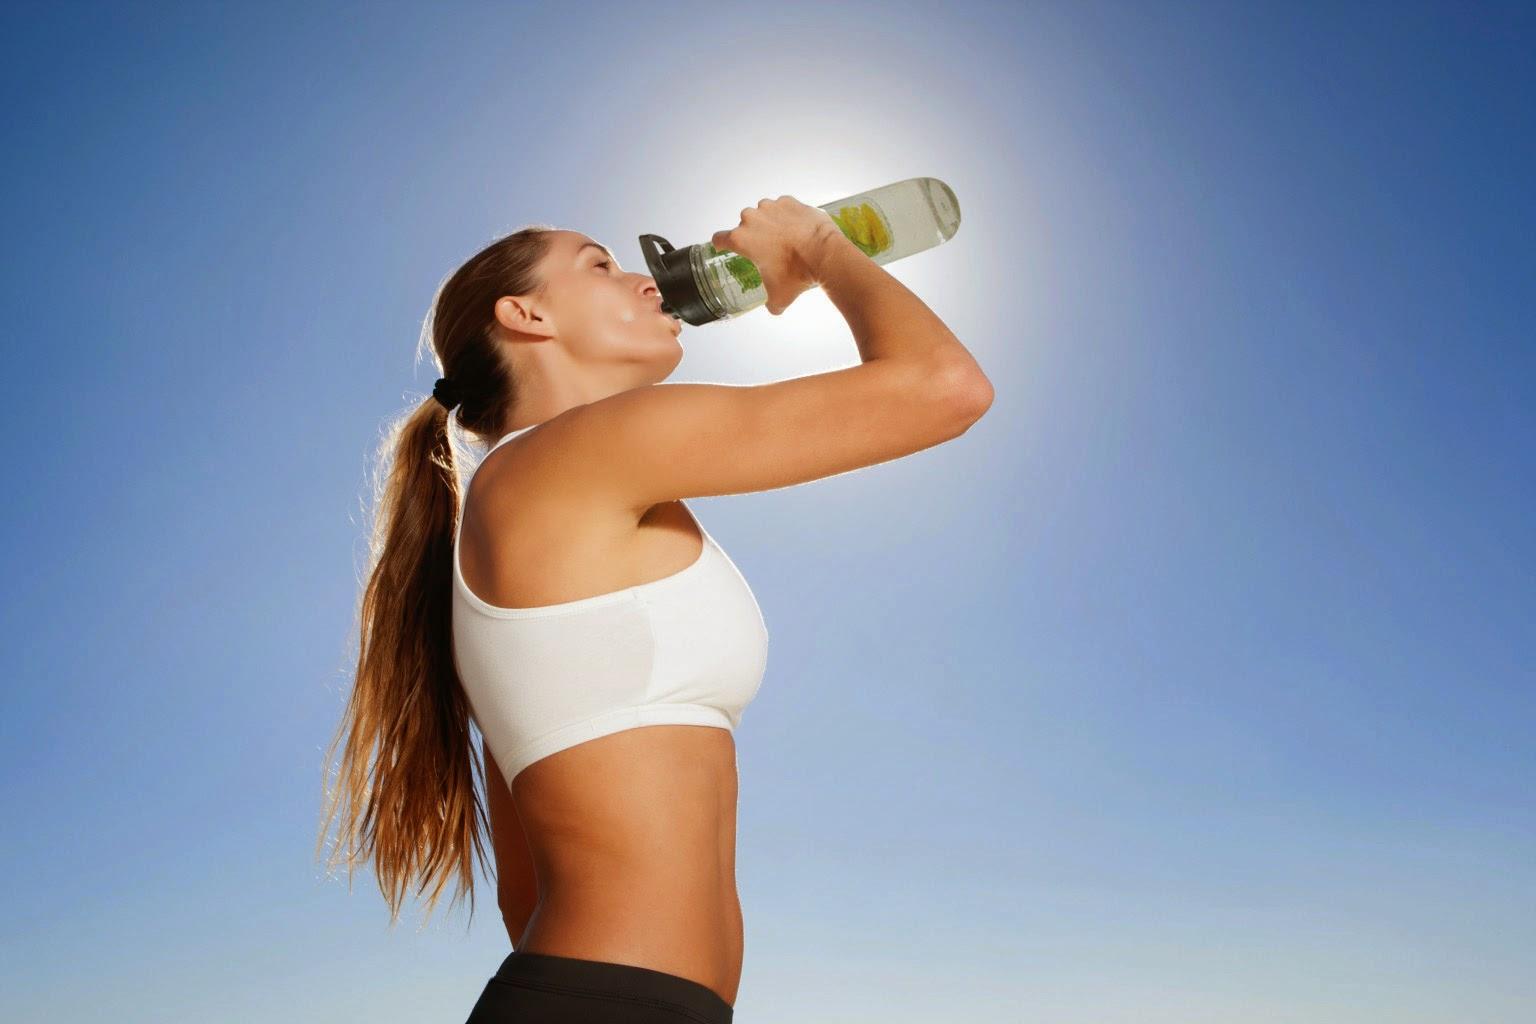 暑熱環境下での水分補給の重要性